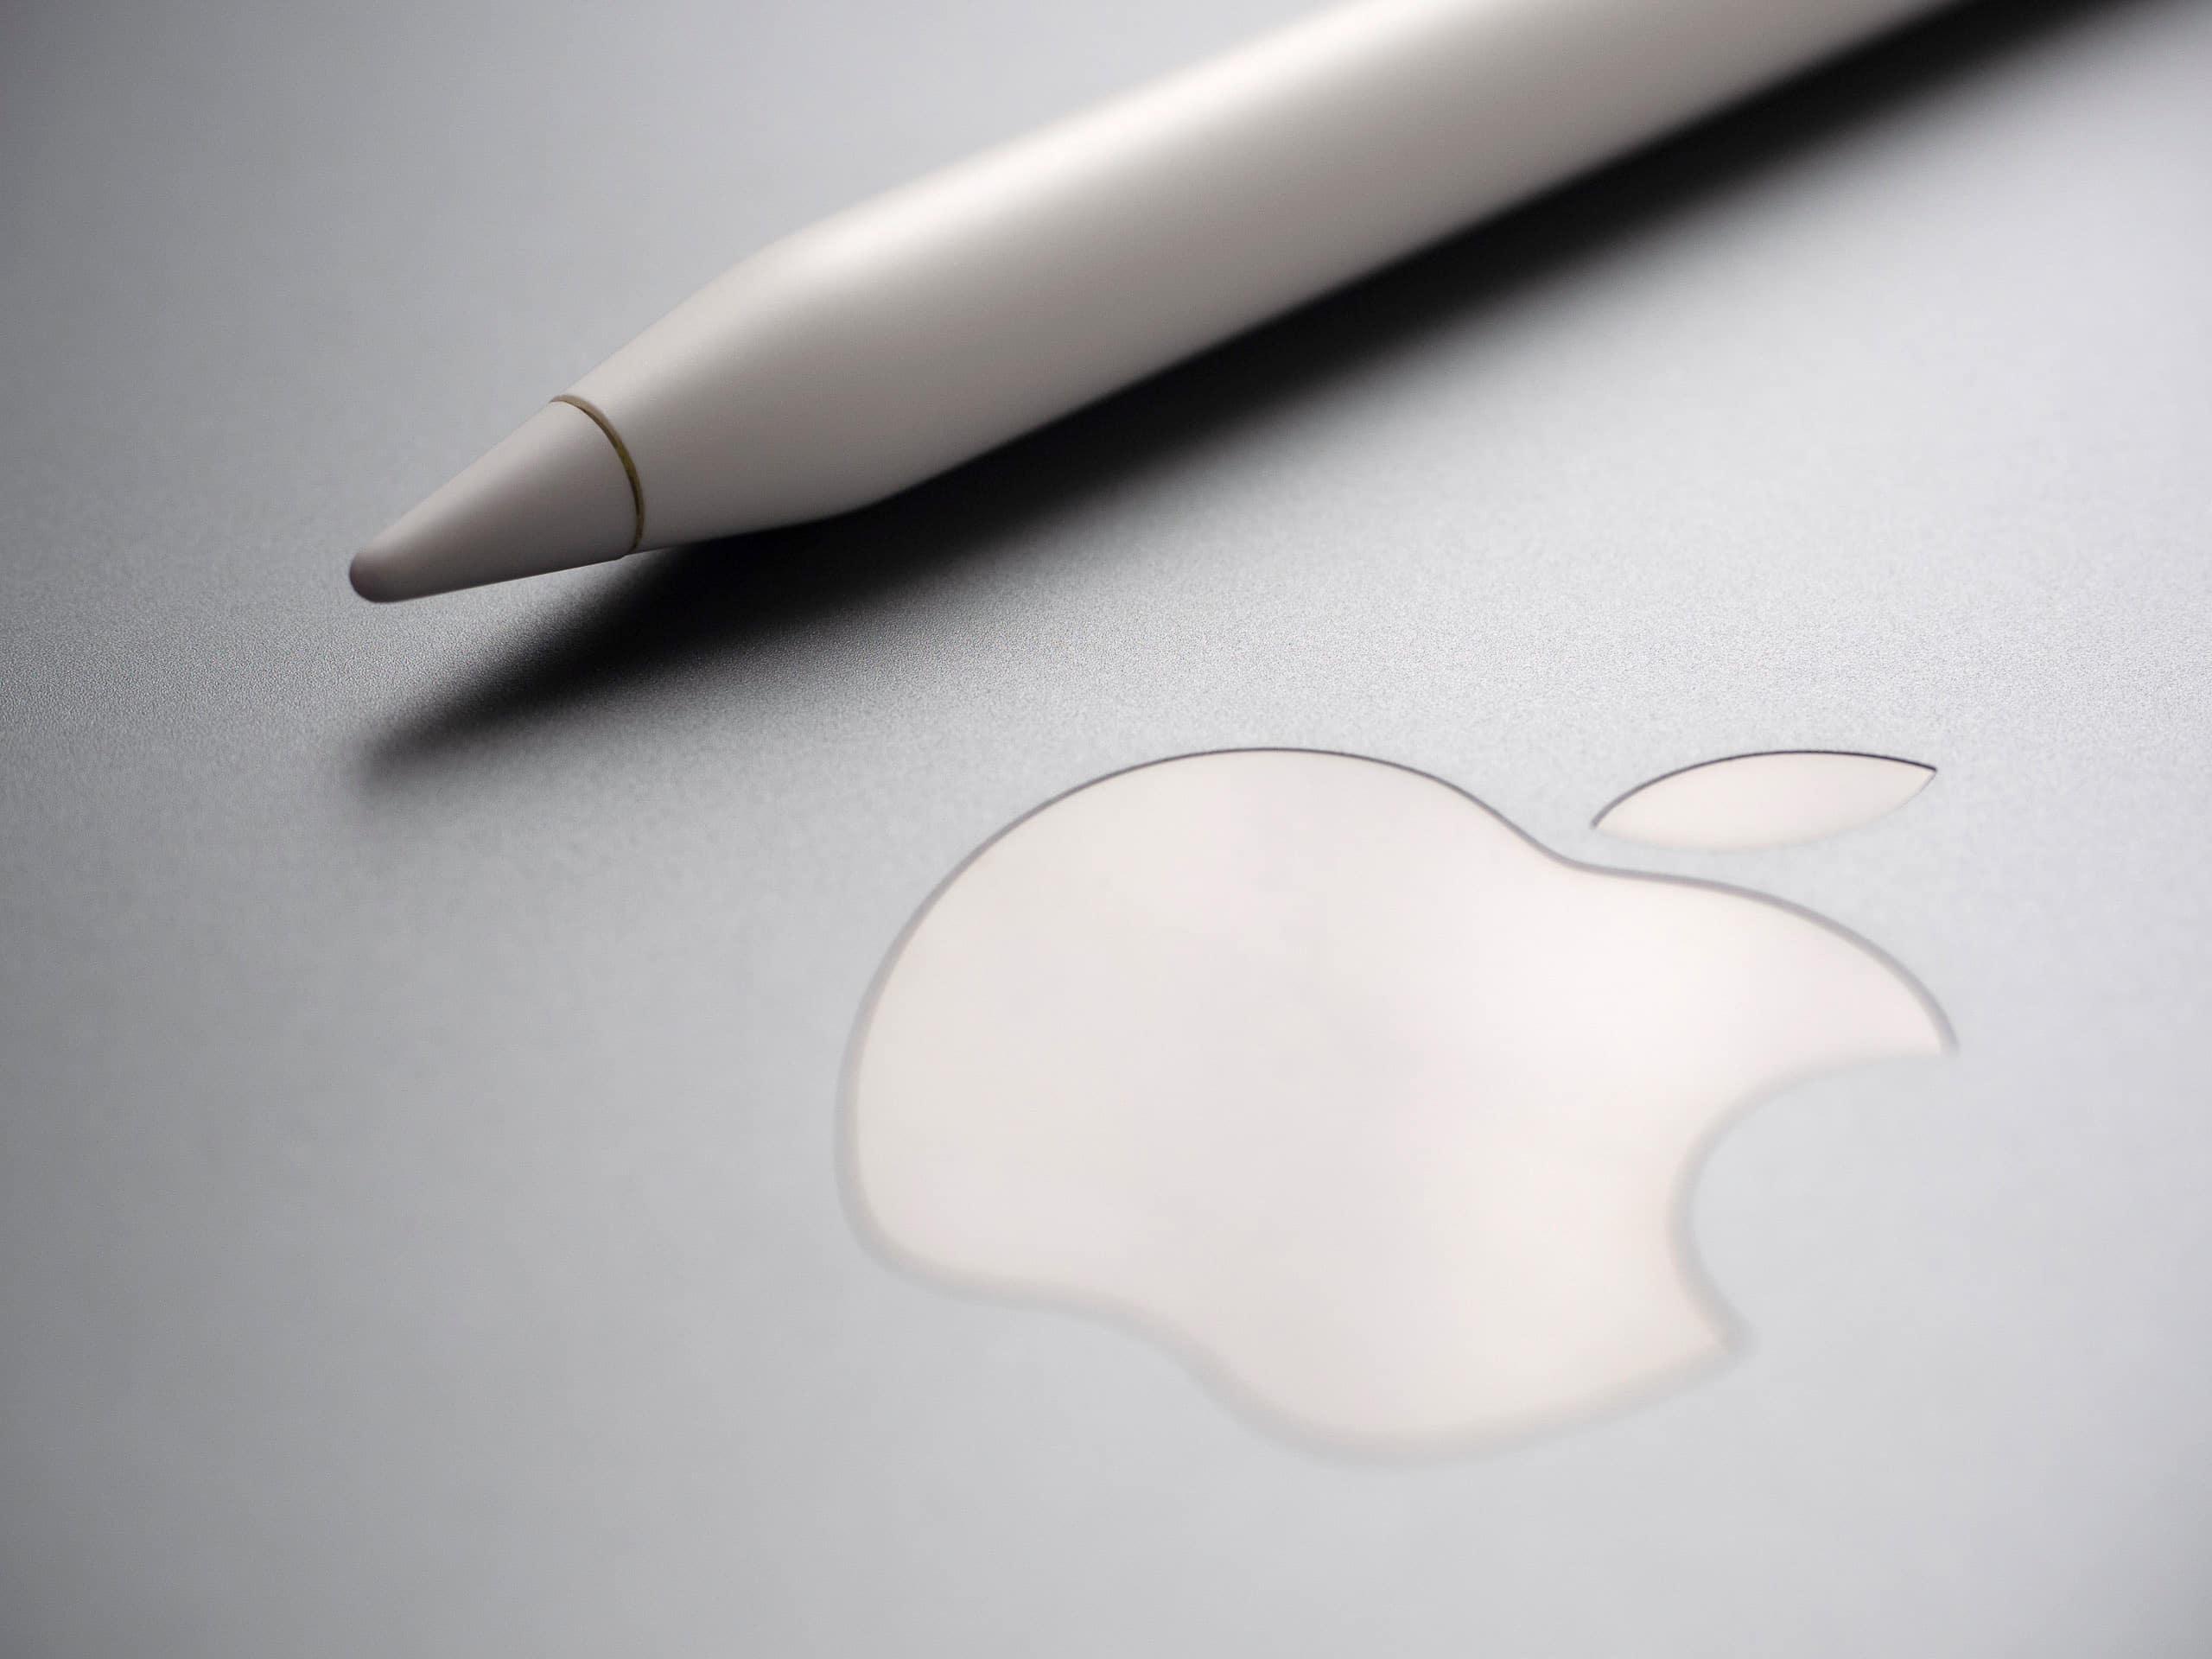 Logo da Apple com Pencil